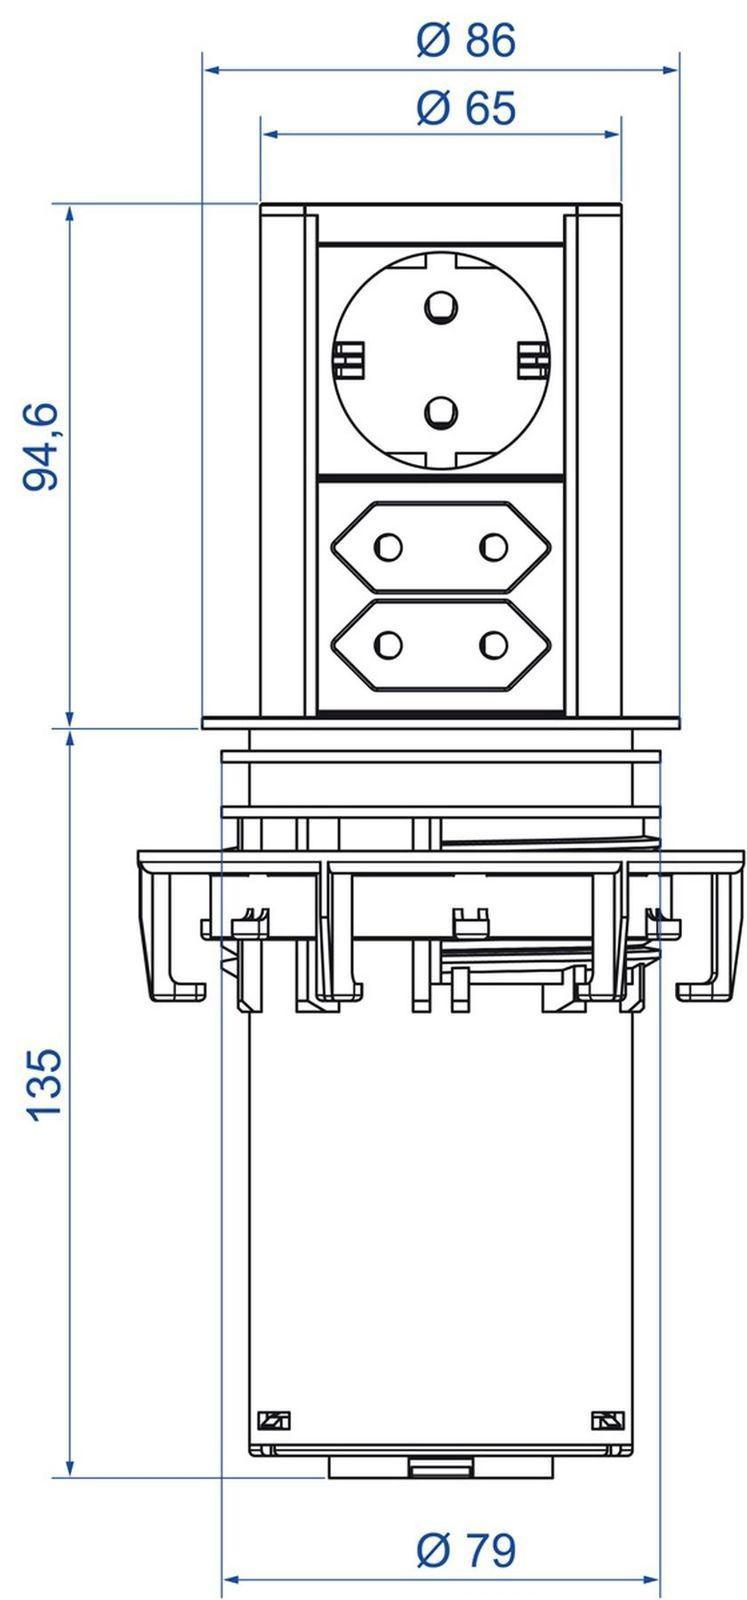 Steckdosenhöhe Küche küchen einbau steckdose elevator ausfahrbar 1 schuko 2